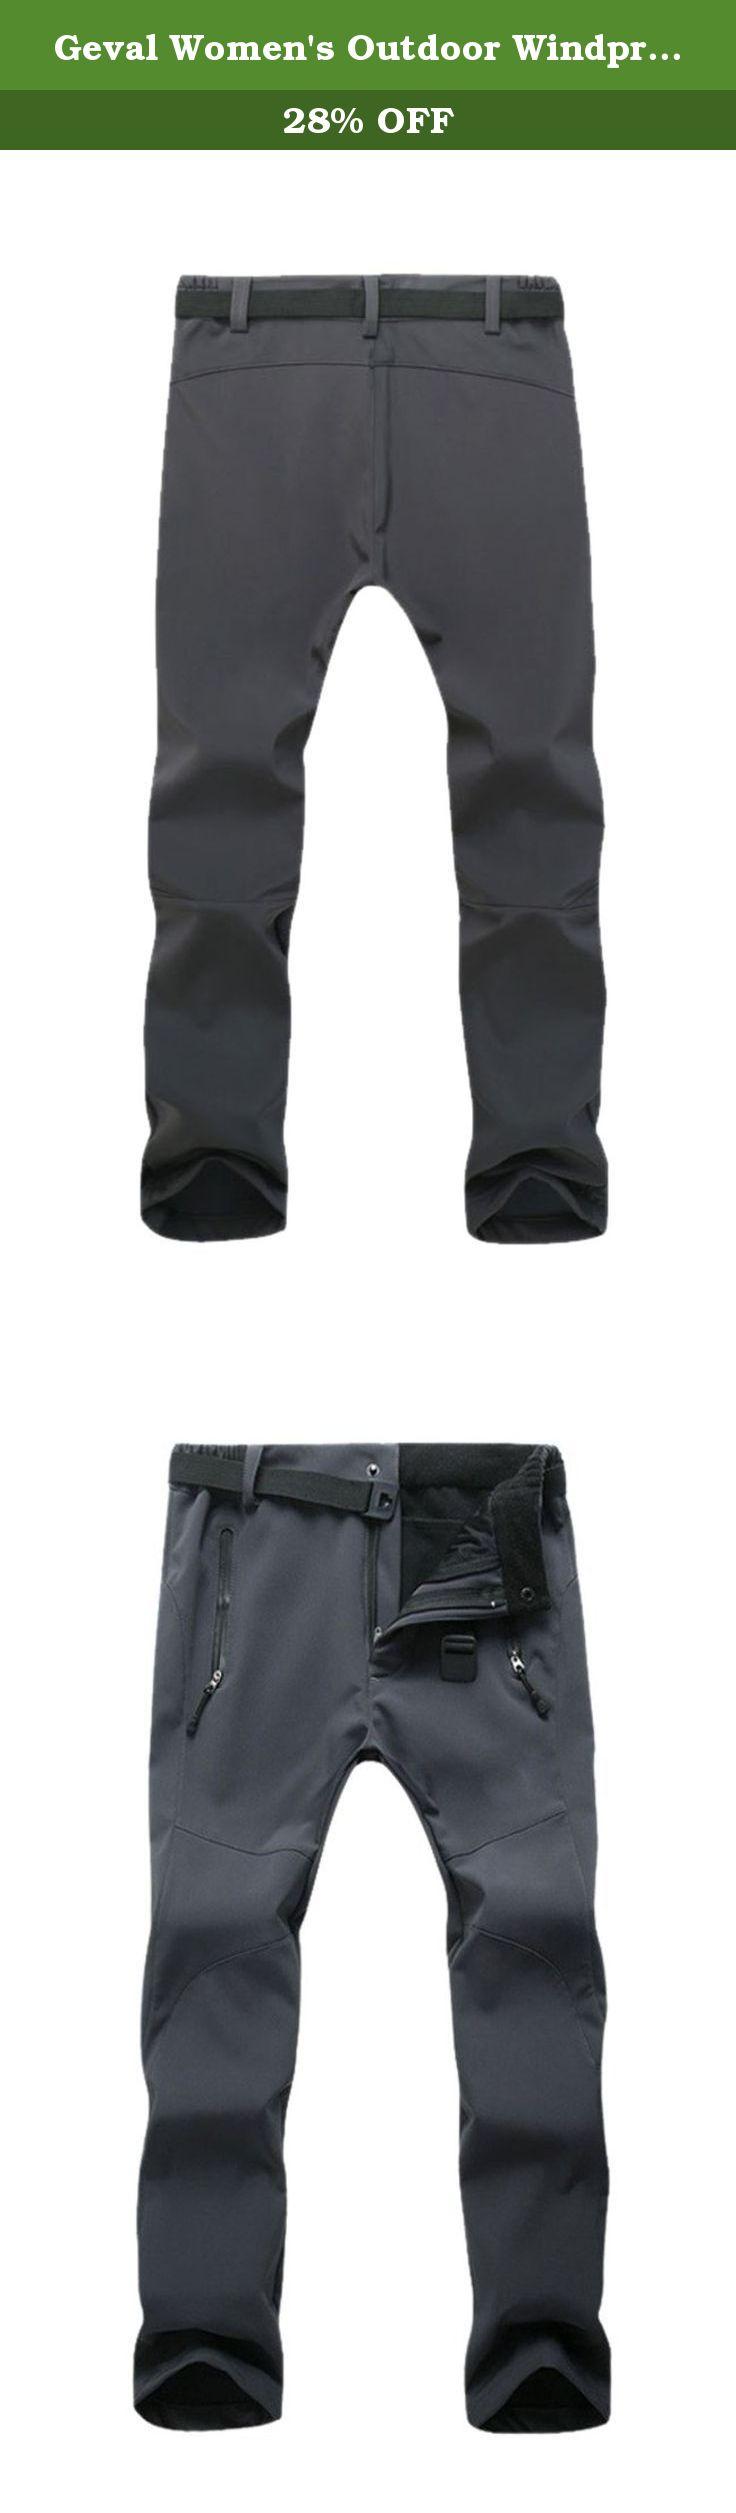 5b4bbf270d8 Geval Women s Outdoor Windproof Waterproof Softshell Fleece Snow pants (XS